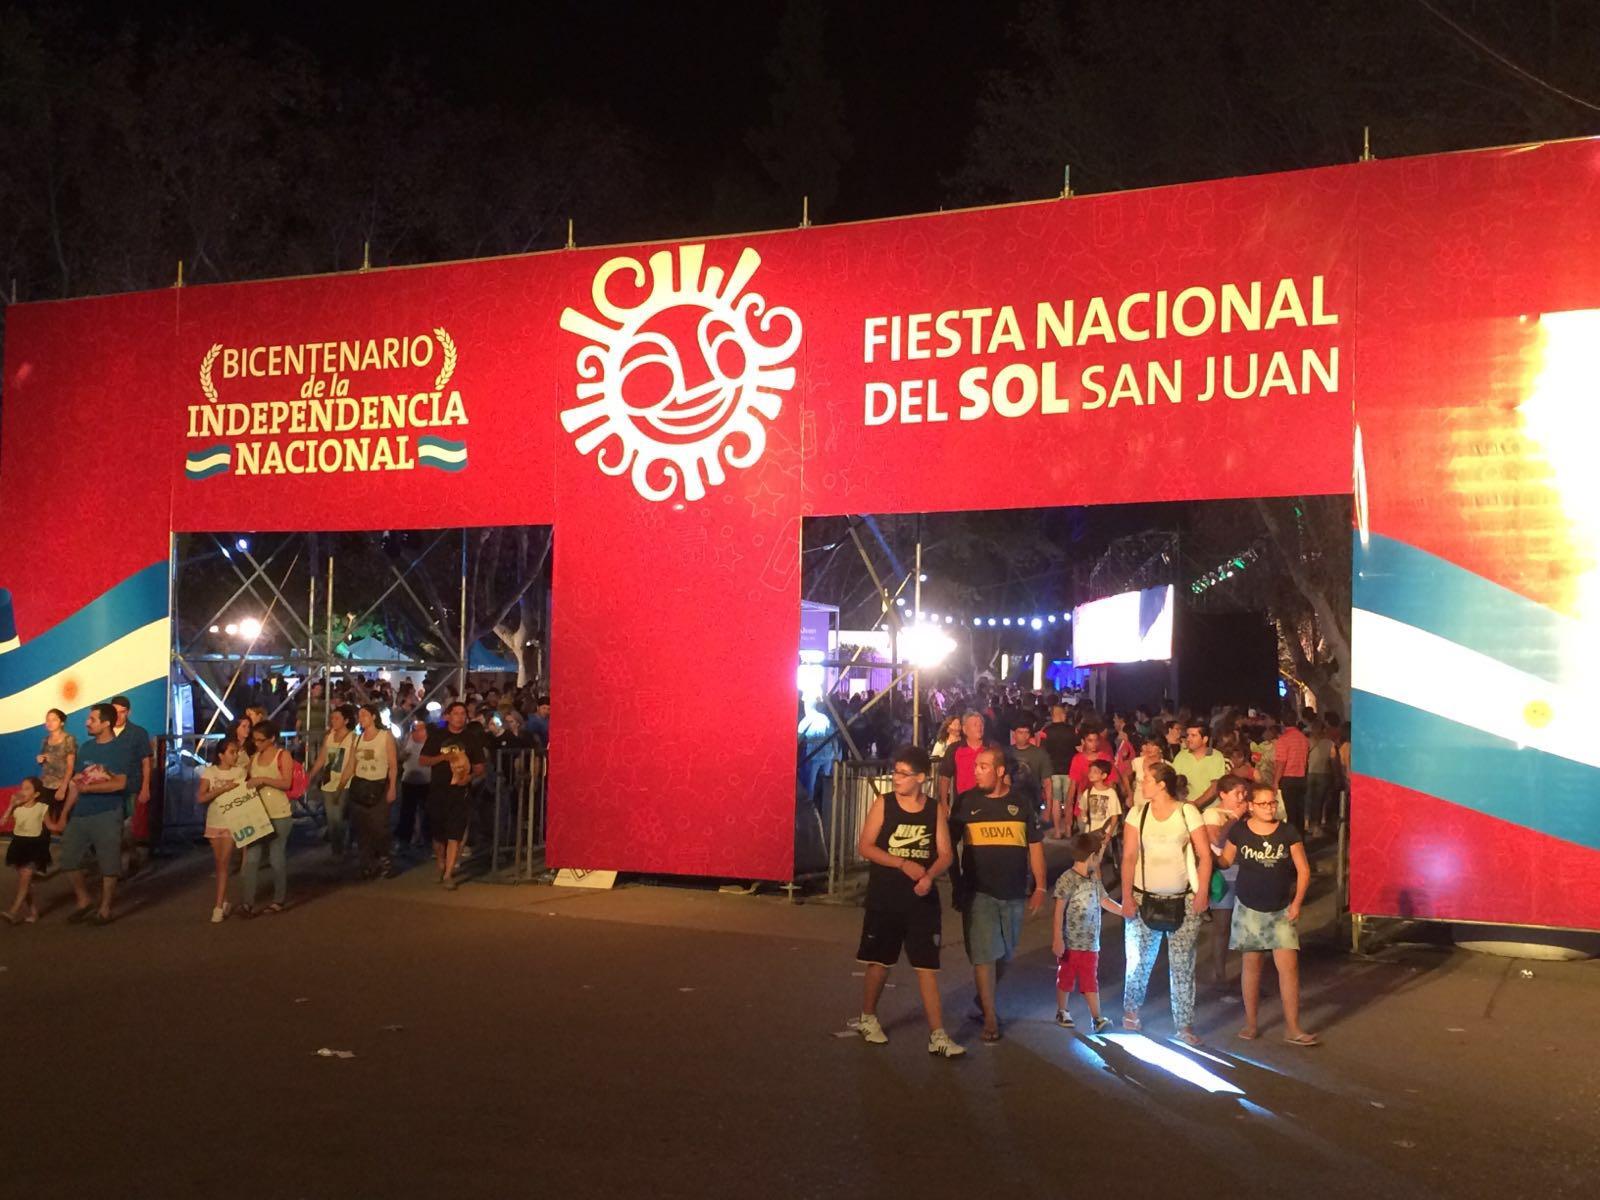 Fiesta Nacional del Sol en San Juan